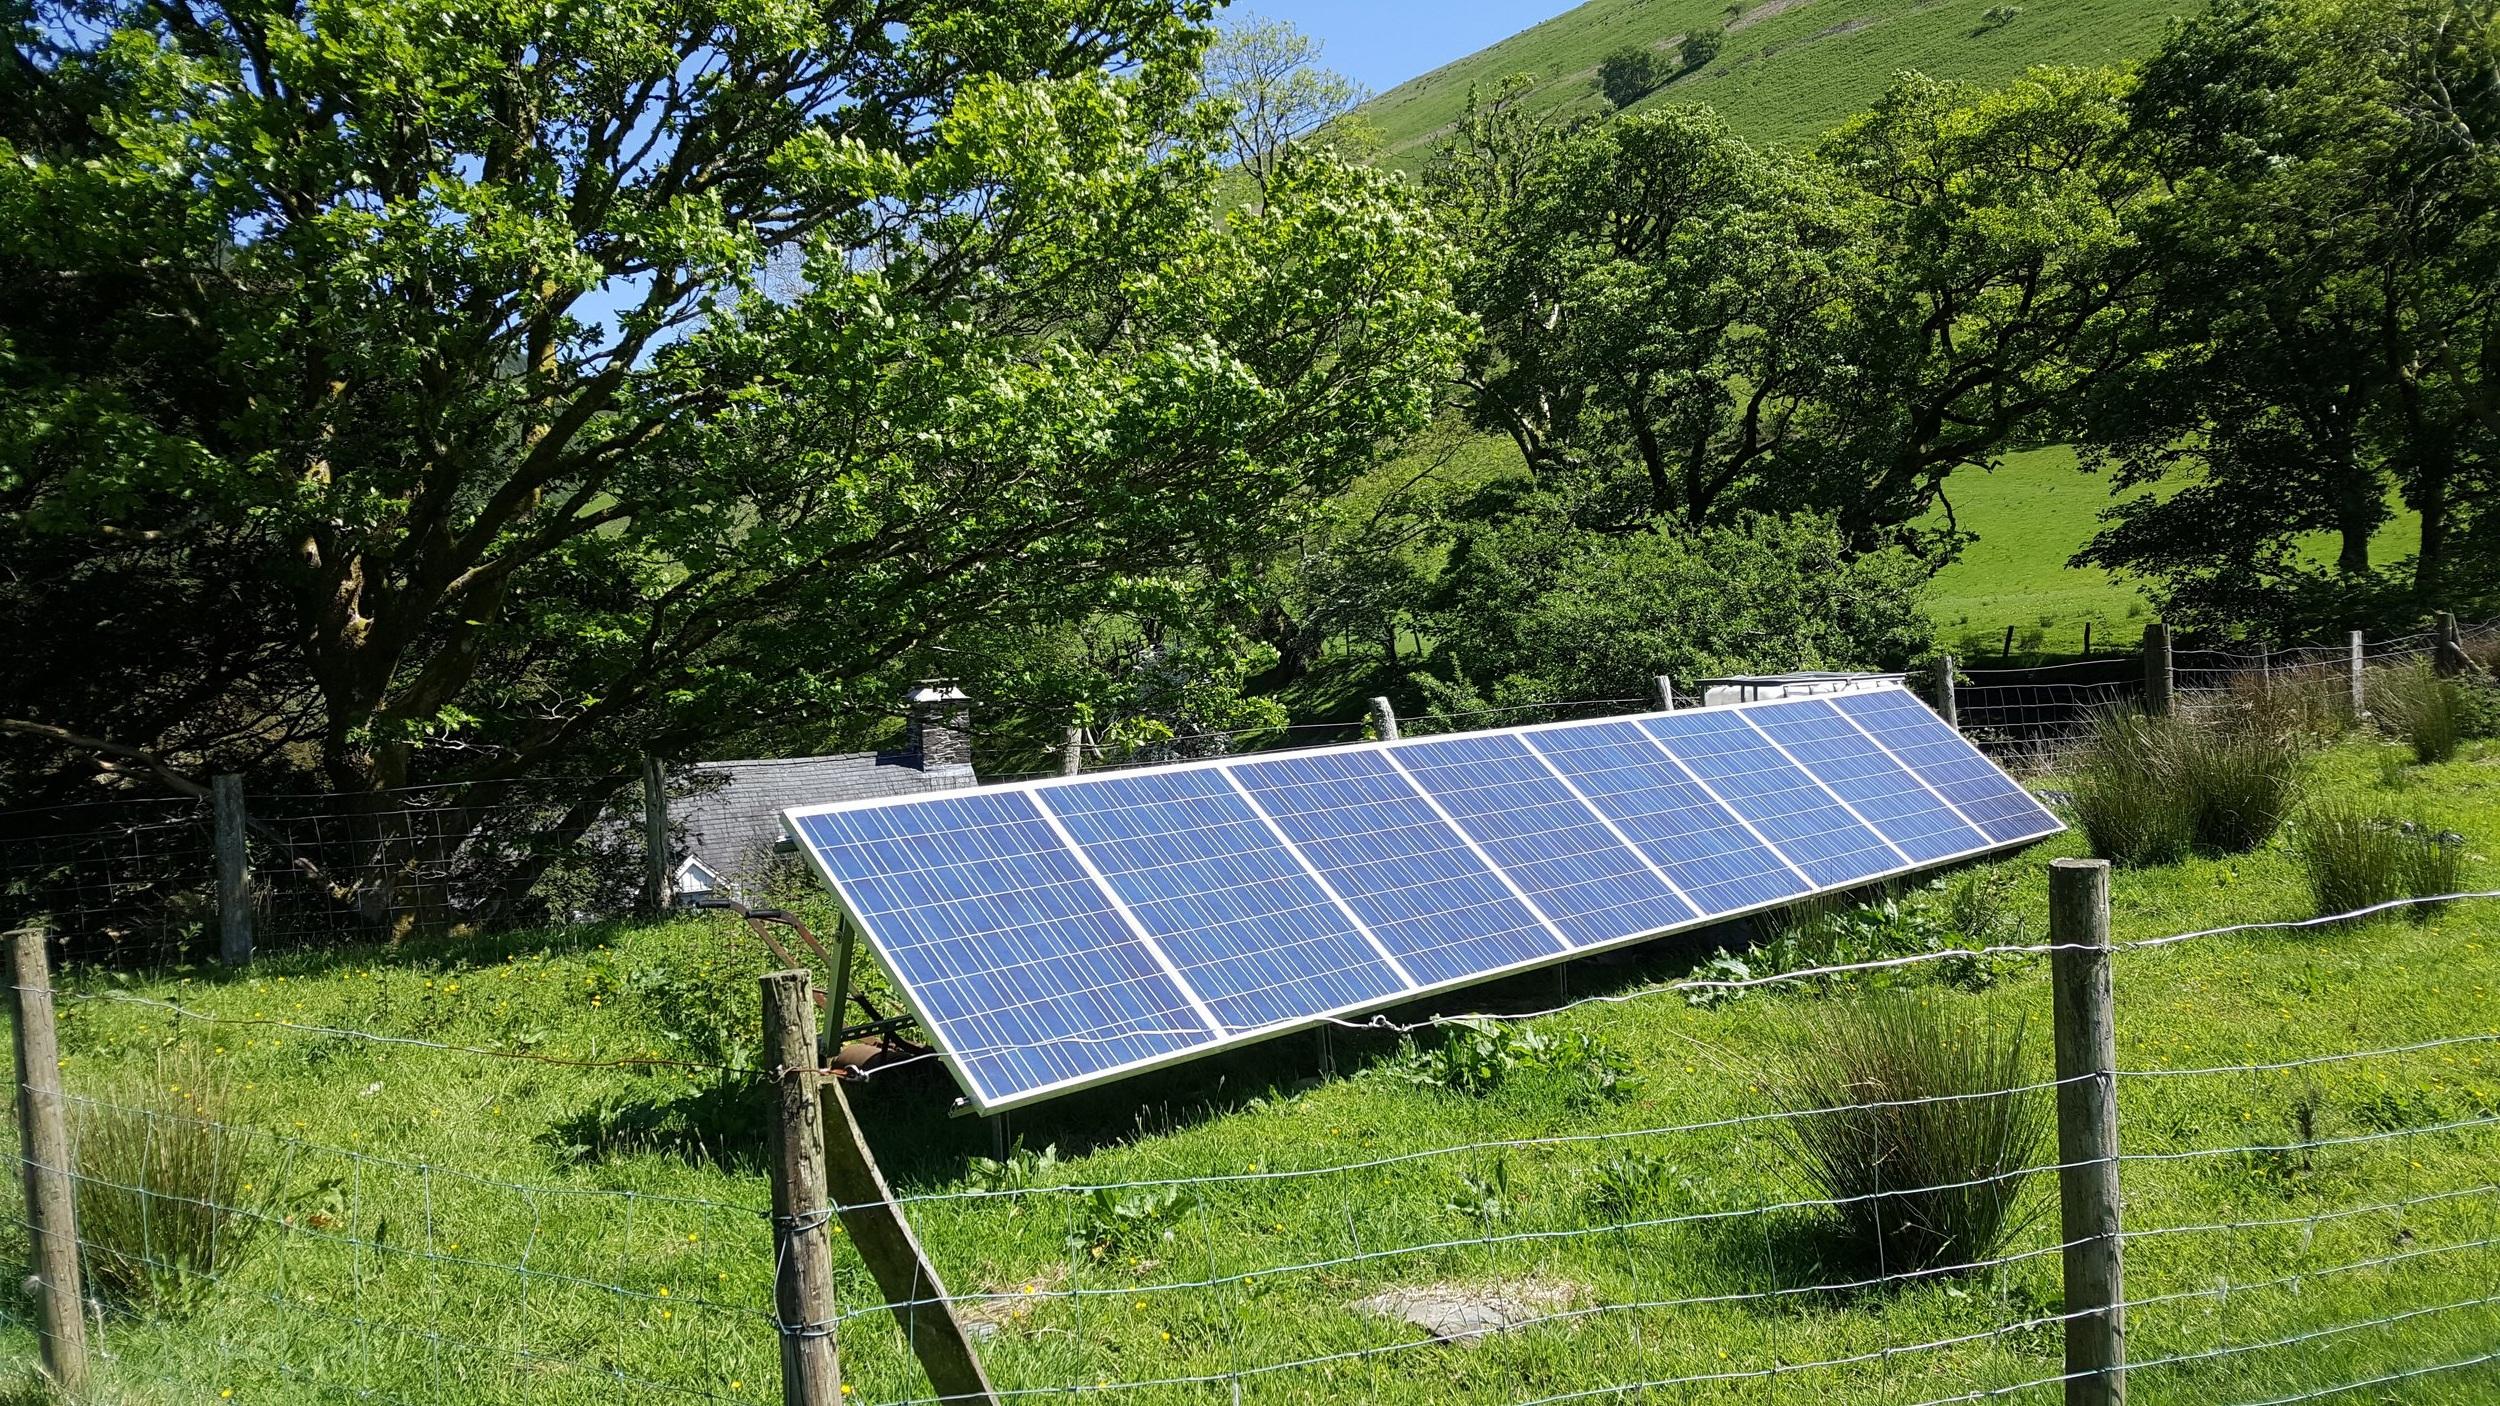 Off grid 1.5 kW PV array in Aberllefenni